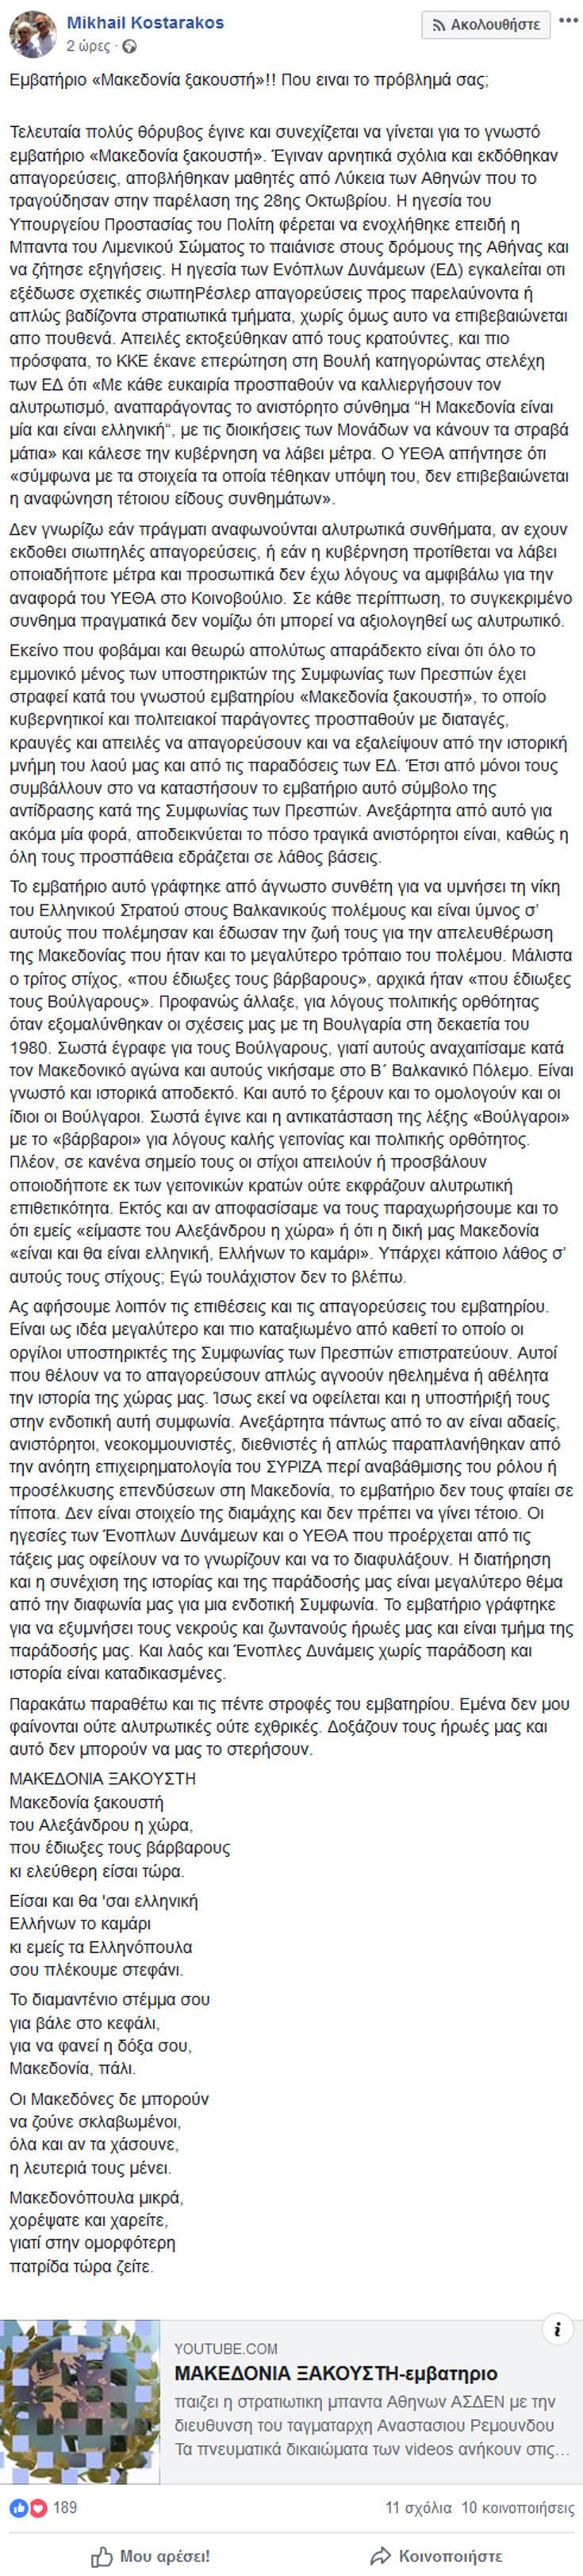 Κωσταράκος προς κυβέρνηση: Ποιο είναι το πρόβλημά σας με το «Μακεδονία ξακουστή»